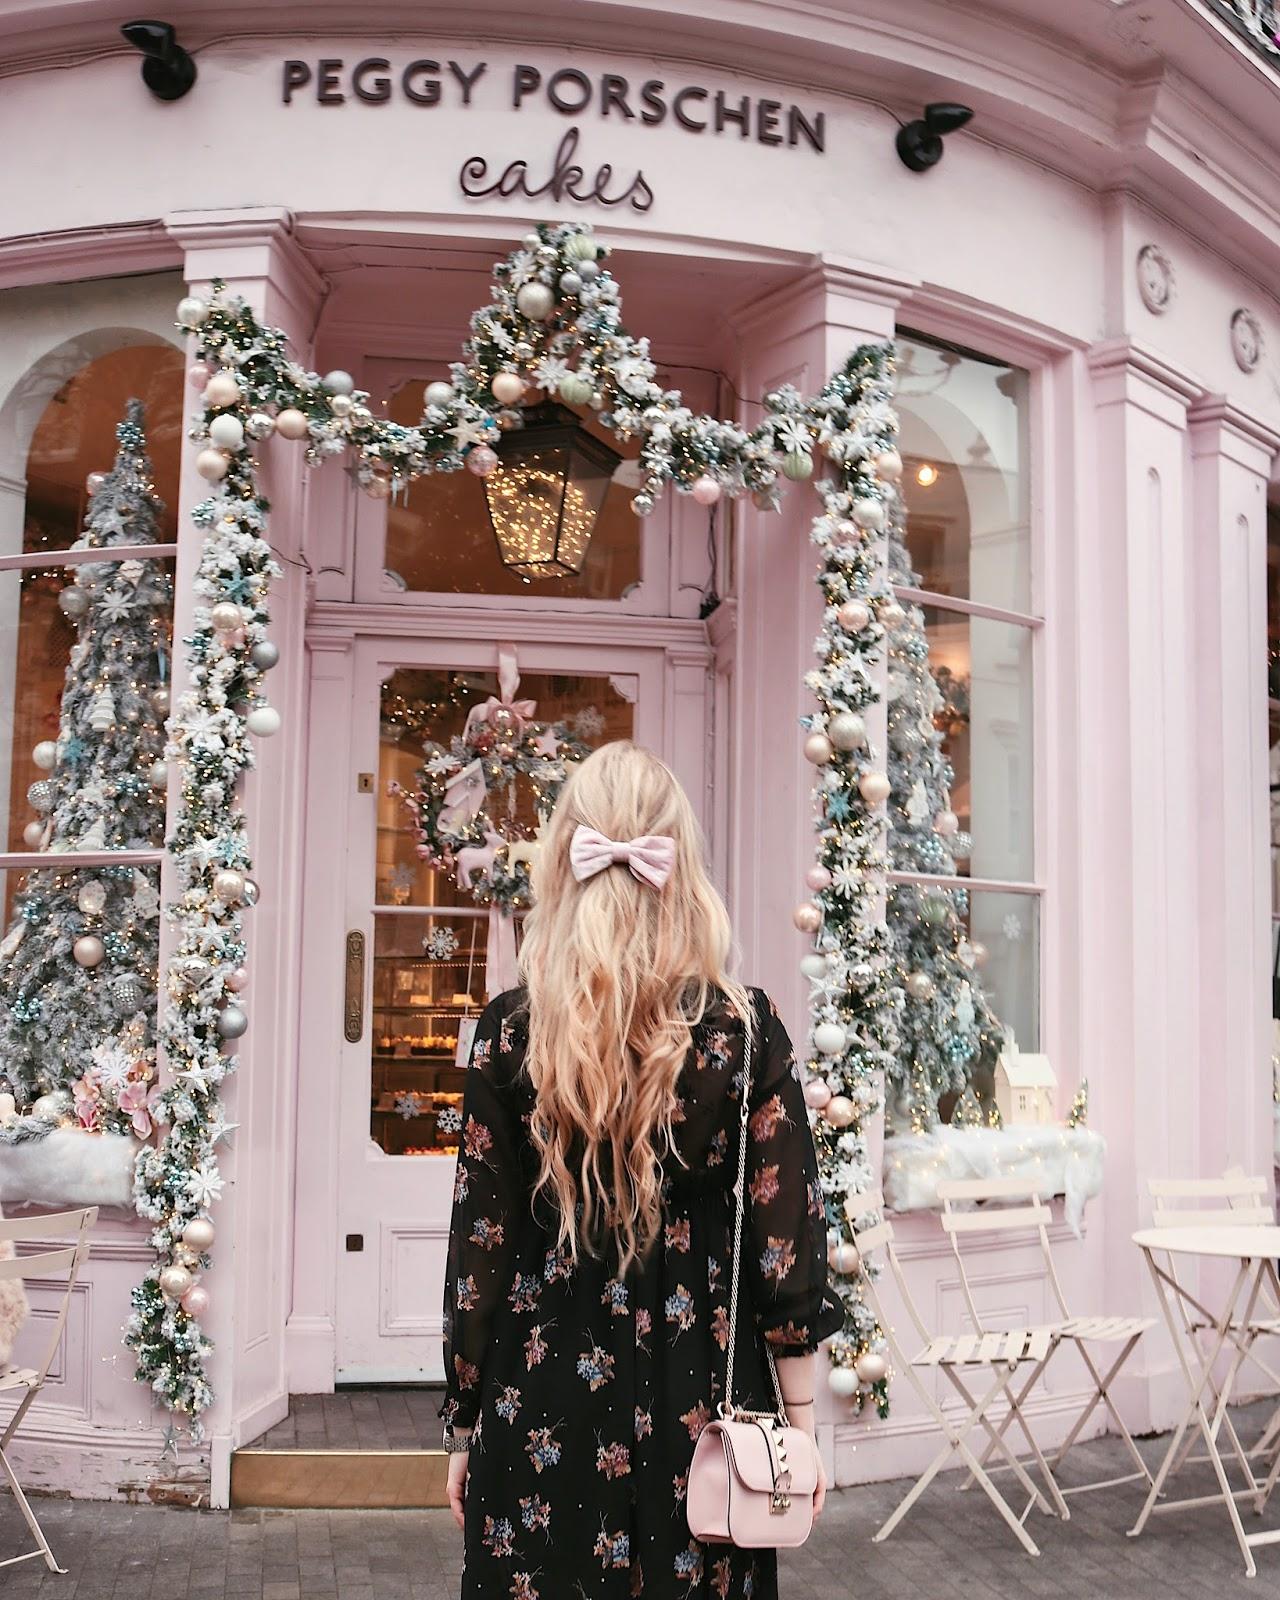 London Travel Guide Must Sees Tour Wochenende Trip rosa Tür rosa Haus Hotspots schönste Plätze Spots für Instagram Bilder Fotos tolle Restaurants